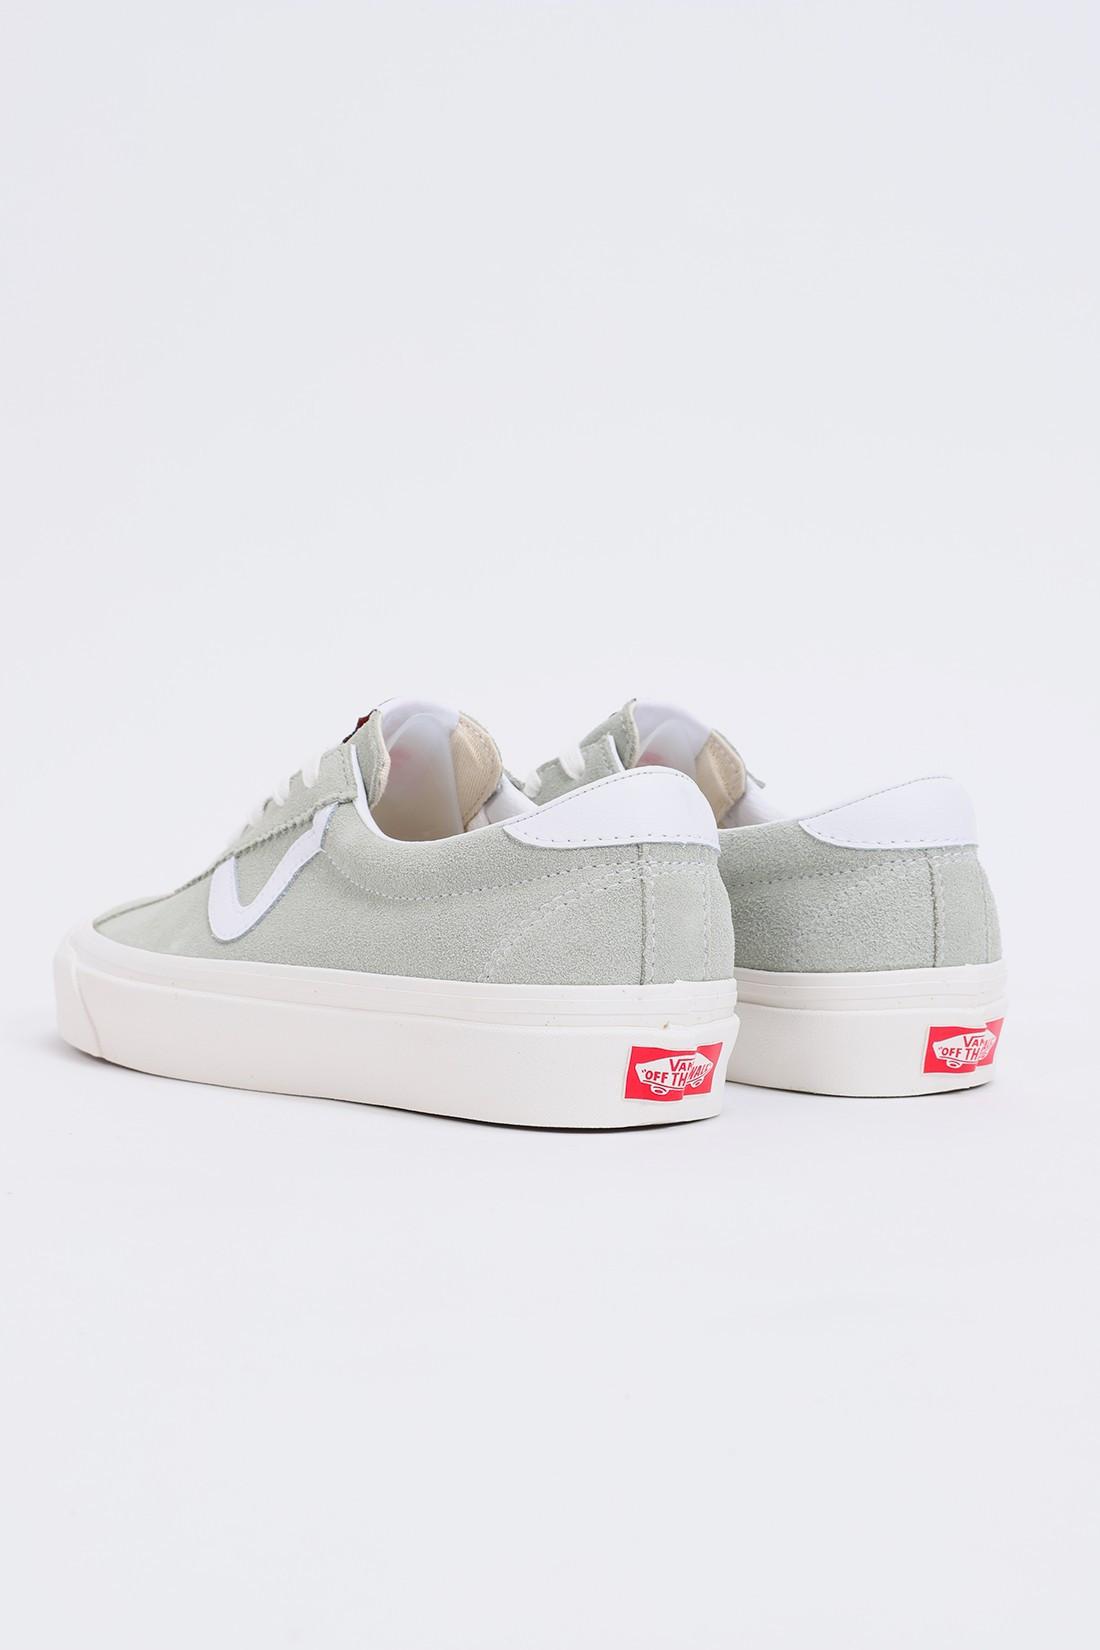 VANS / Style 73 dx Og platinum